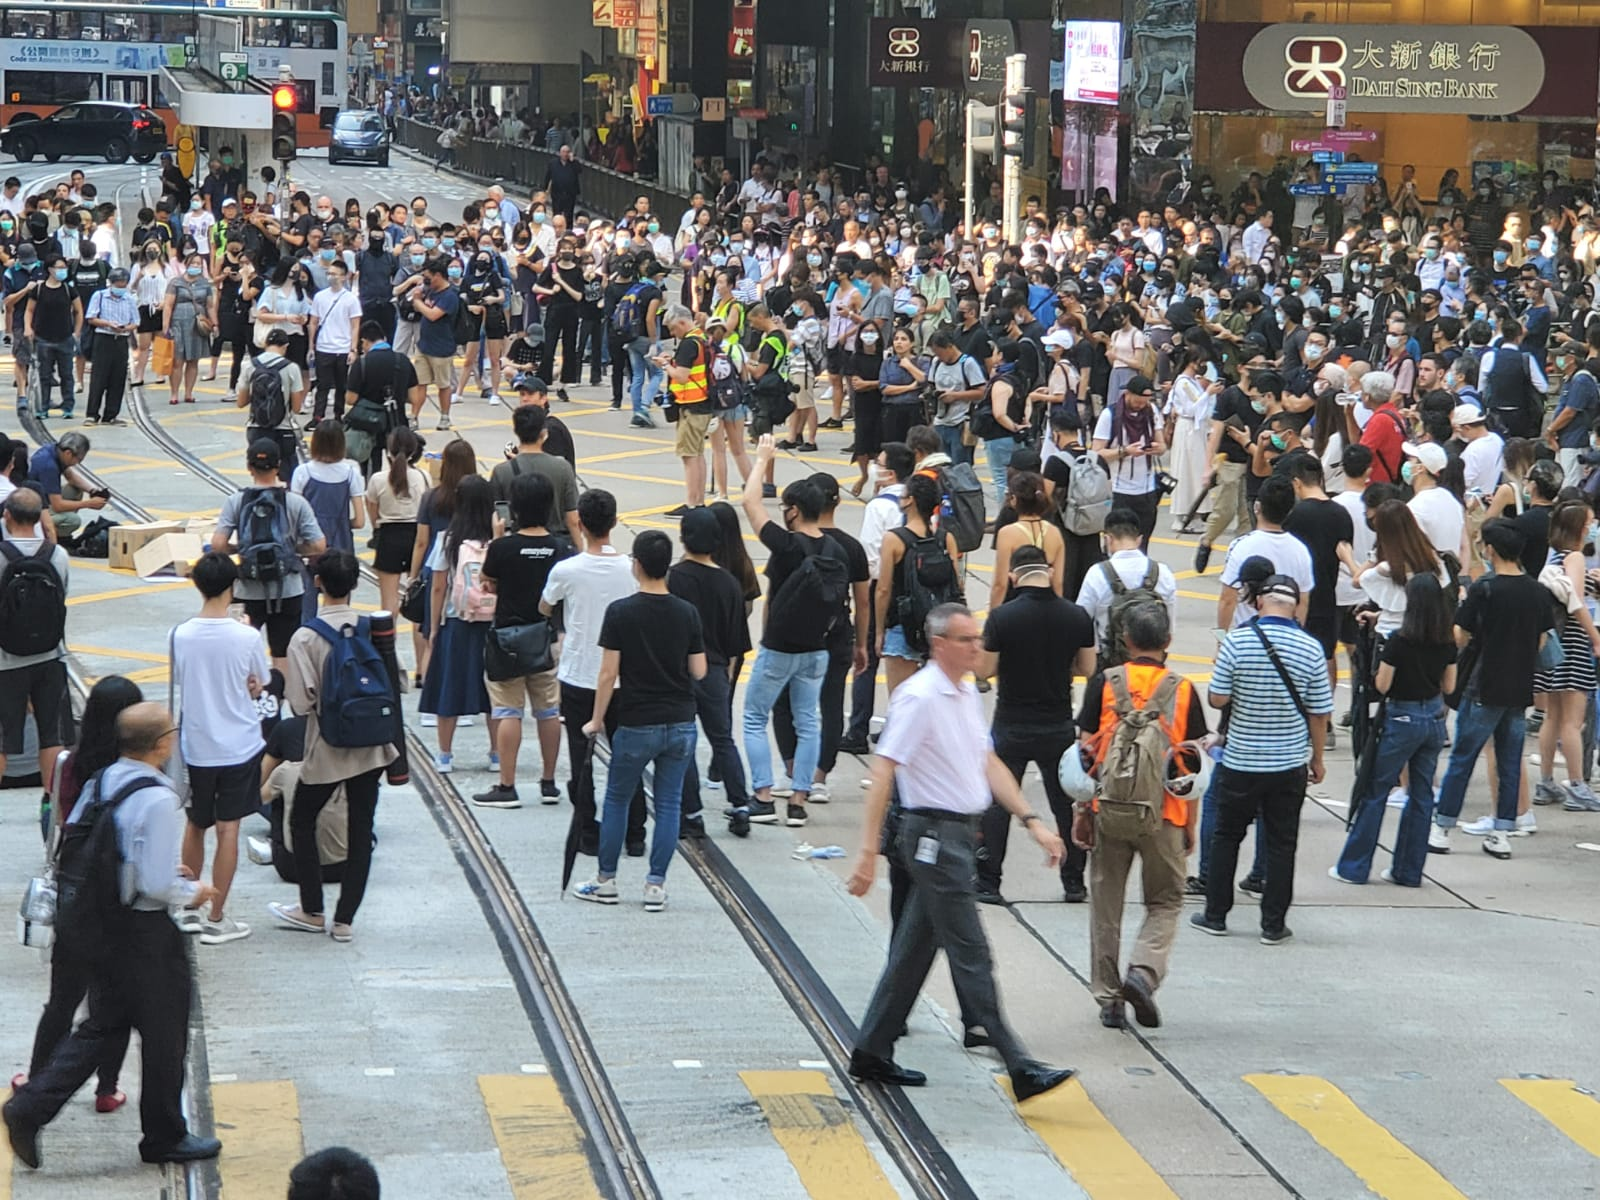 中環有抗議人士聚集堵路。